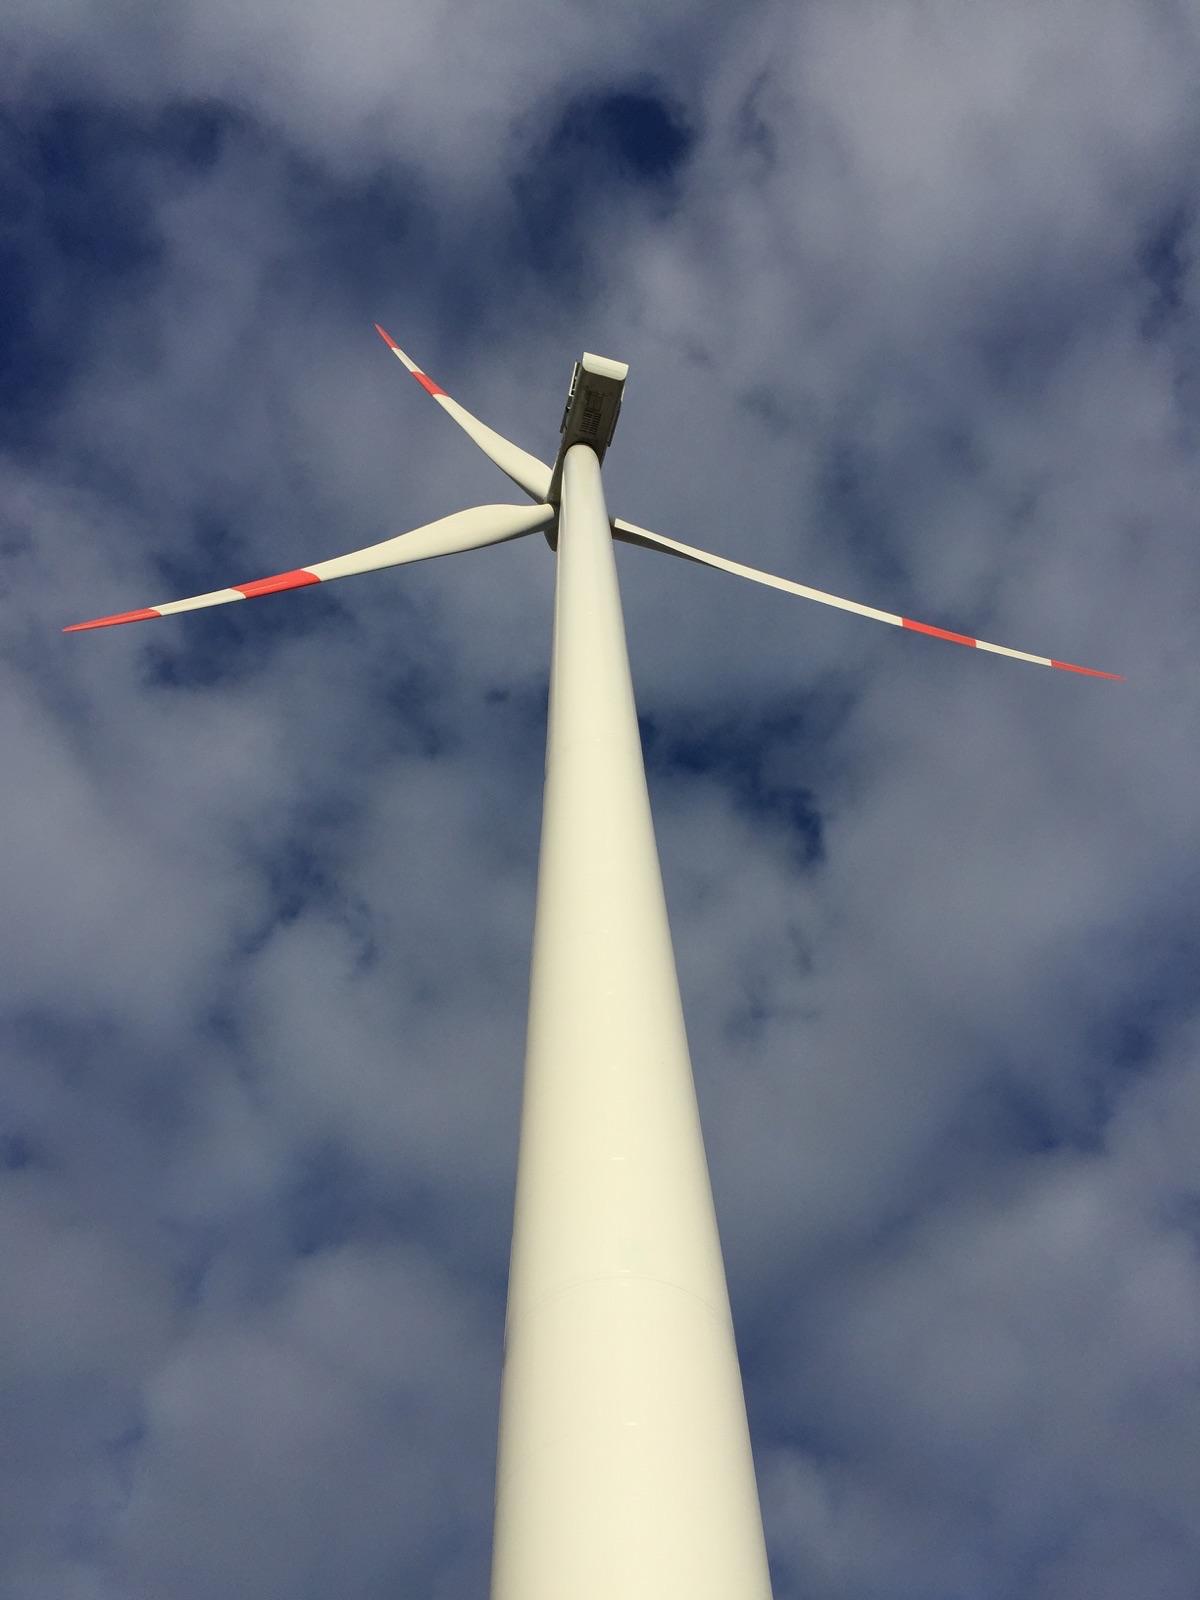 Die Emittentin investiert voraussichtlich in den Windpark Mertensdorf in Brandenburg. Den hat der Hersteller Vestas mit Anlagen des Typs V90 ausgestattet (im Bild). / Foto: Vestas